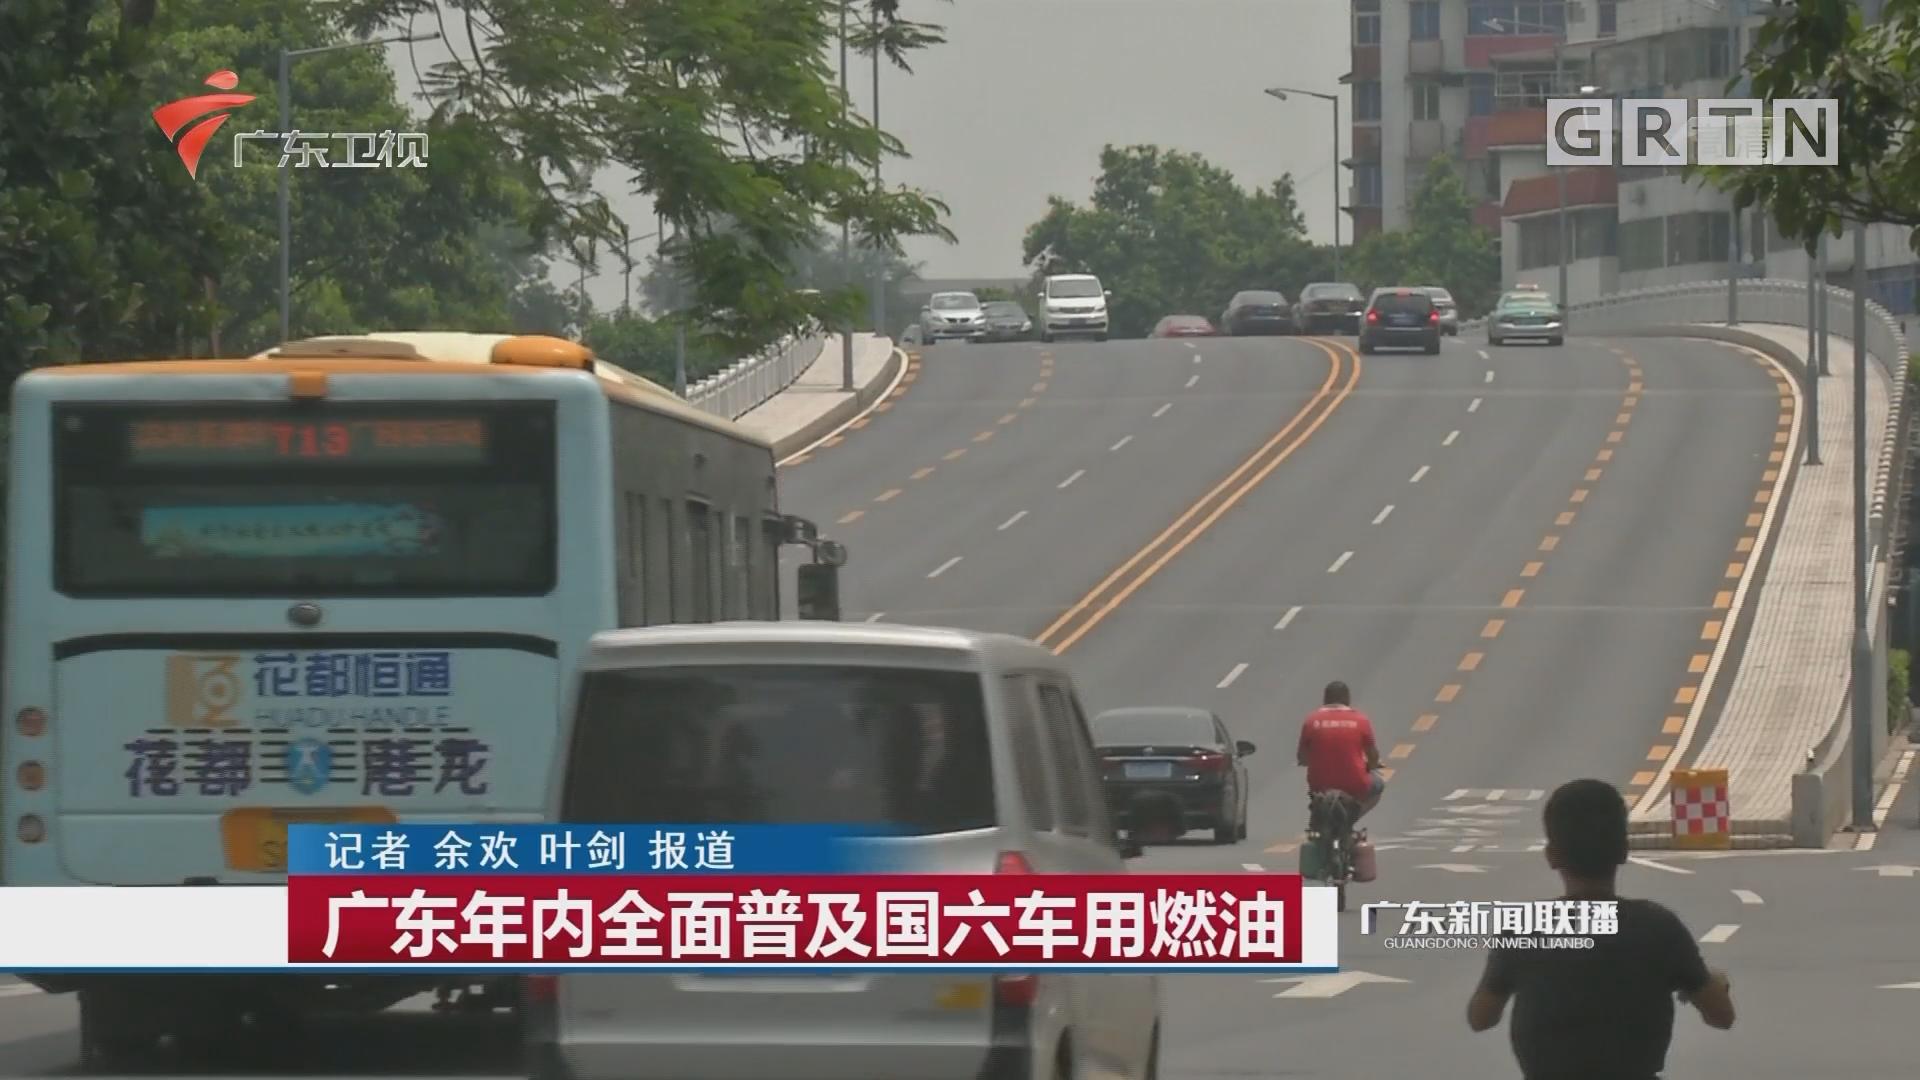 广东年内全面普及国六车用燃油